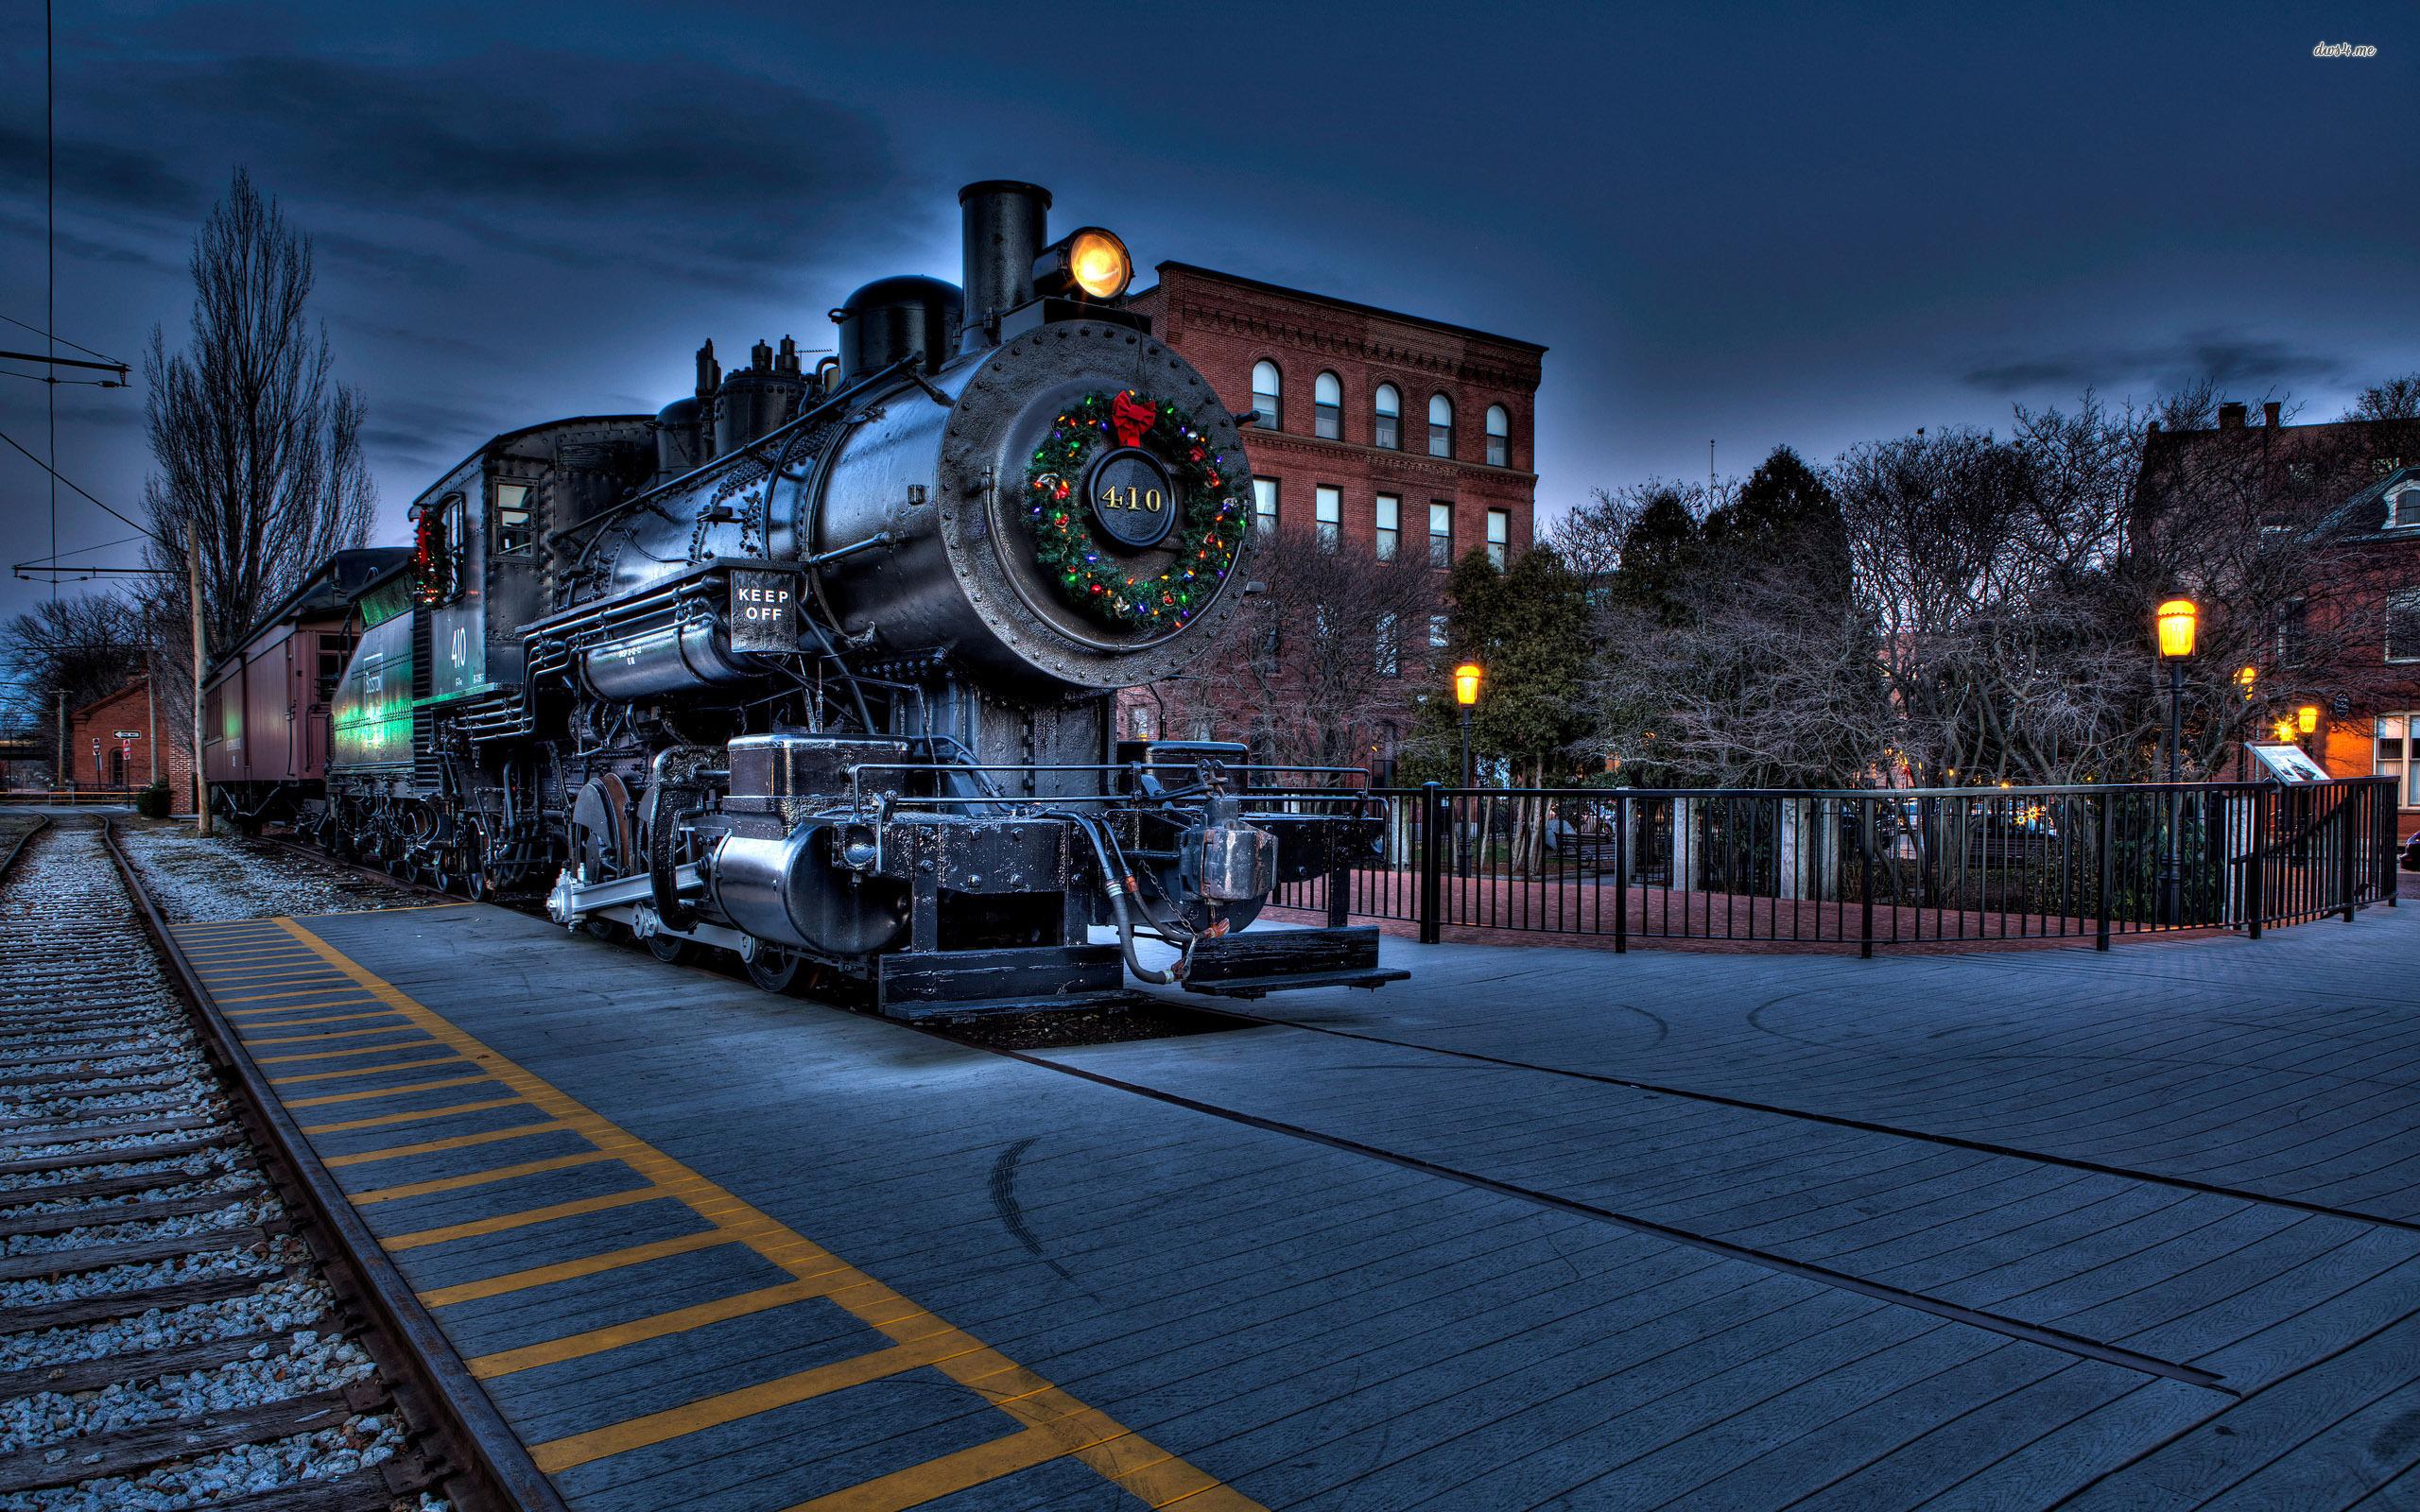 Steam Train Hd Duvar Kağıdı Arka Plan 2560x1600 Id527016